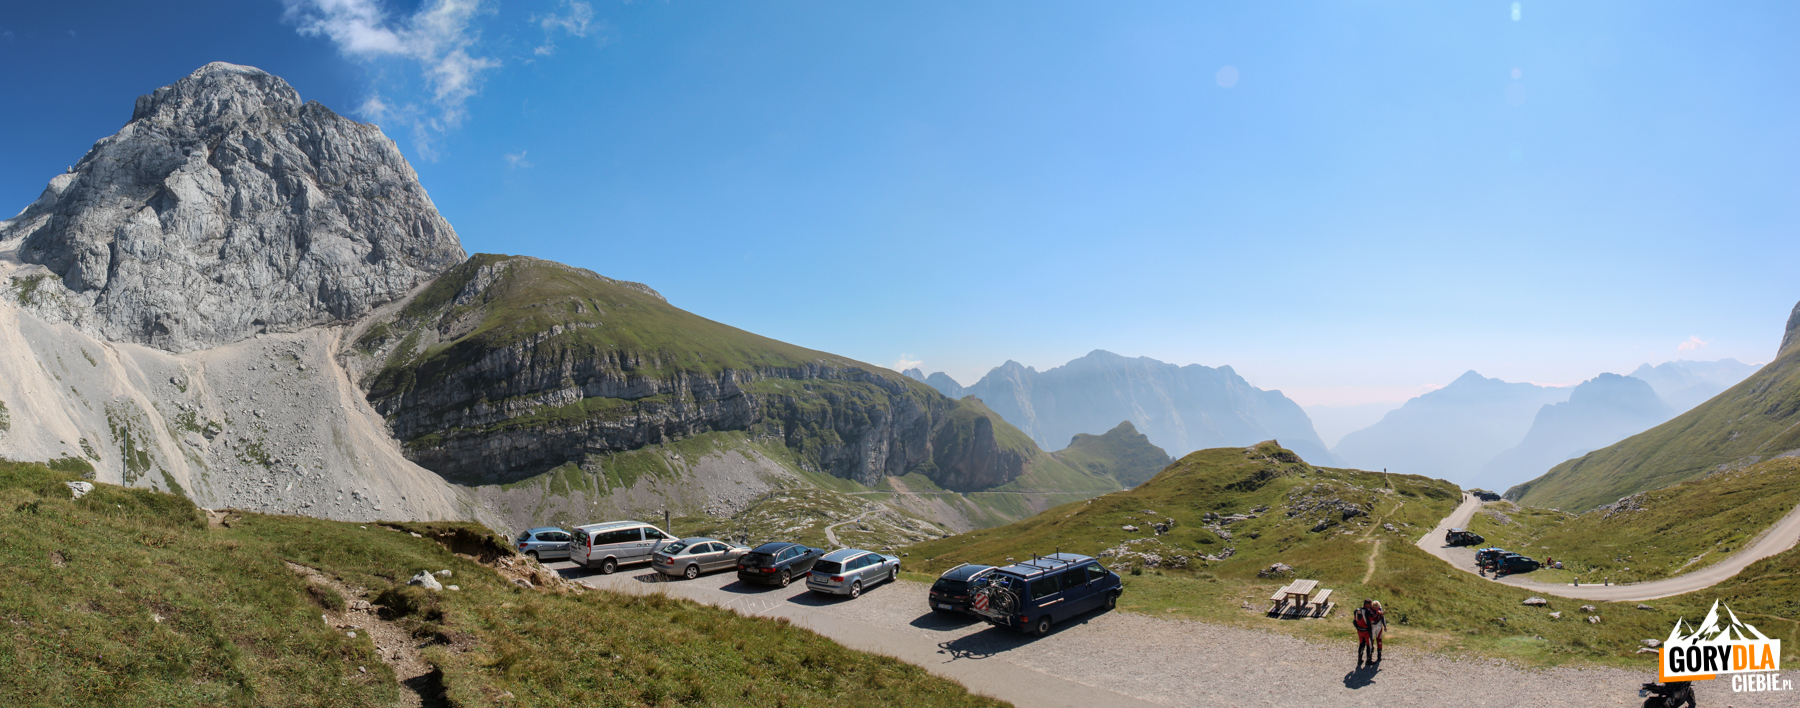 Widok z Mangartskiej Przełęczy (2055 m) na stronę słoweńską - po lewej Mangart 2679 m